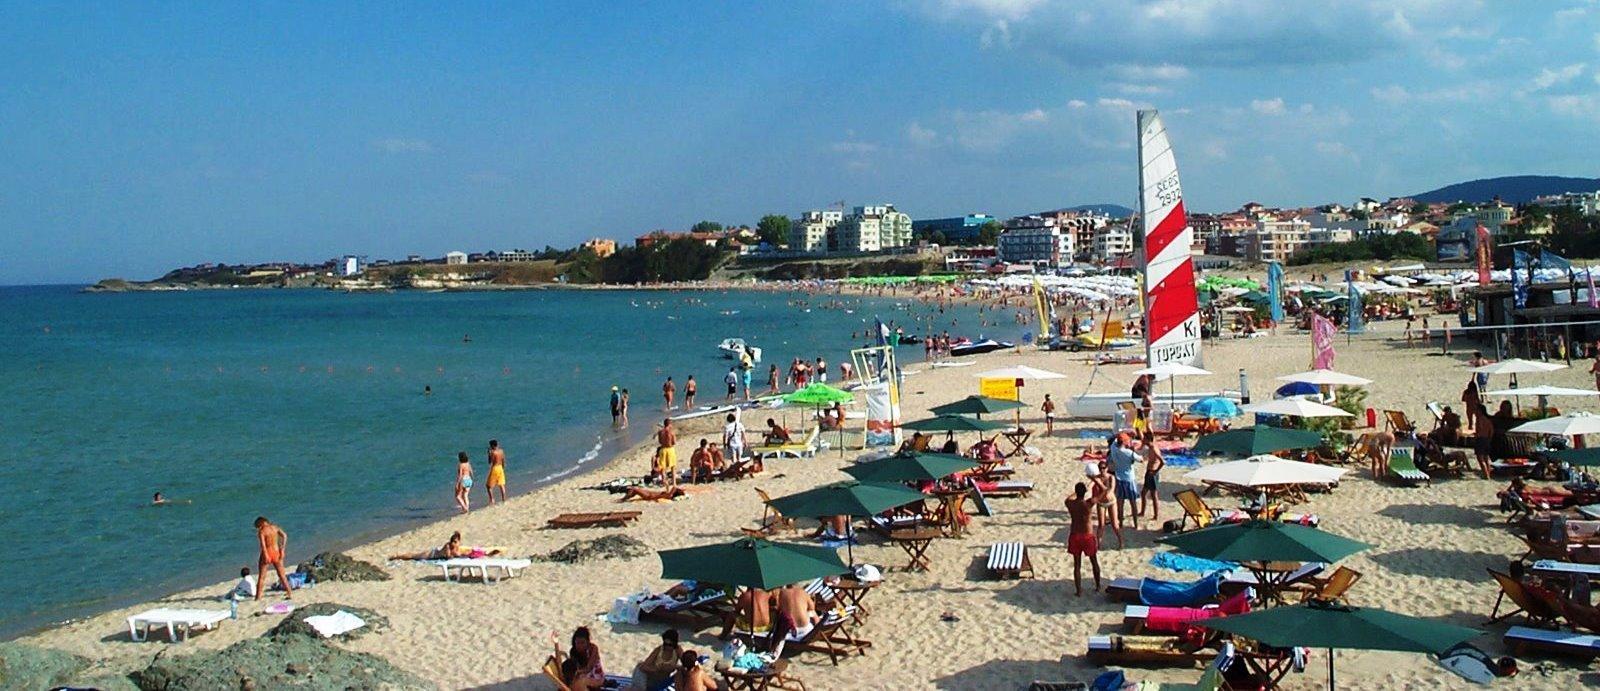 Пляж в Лозенеце Болгария